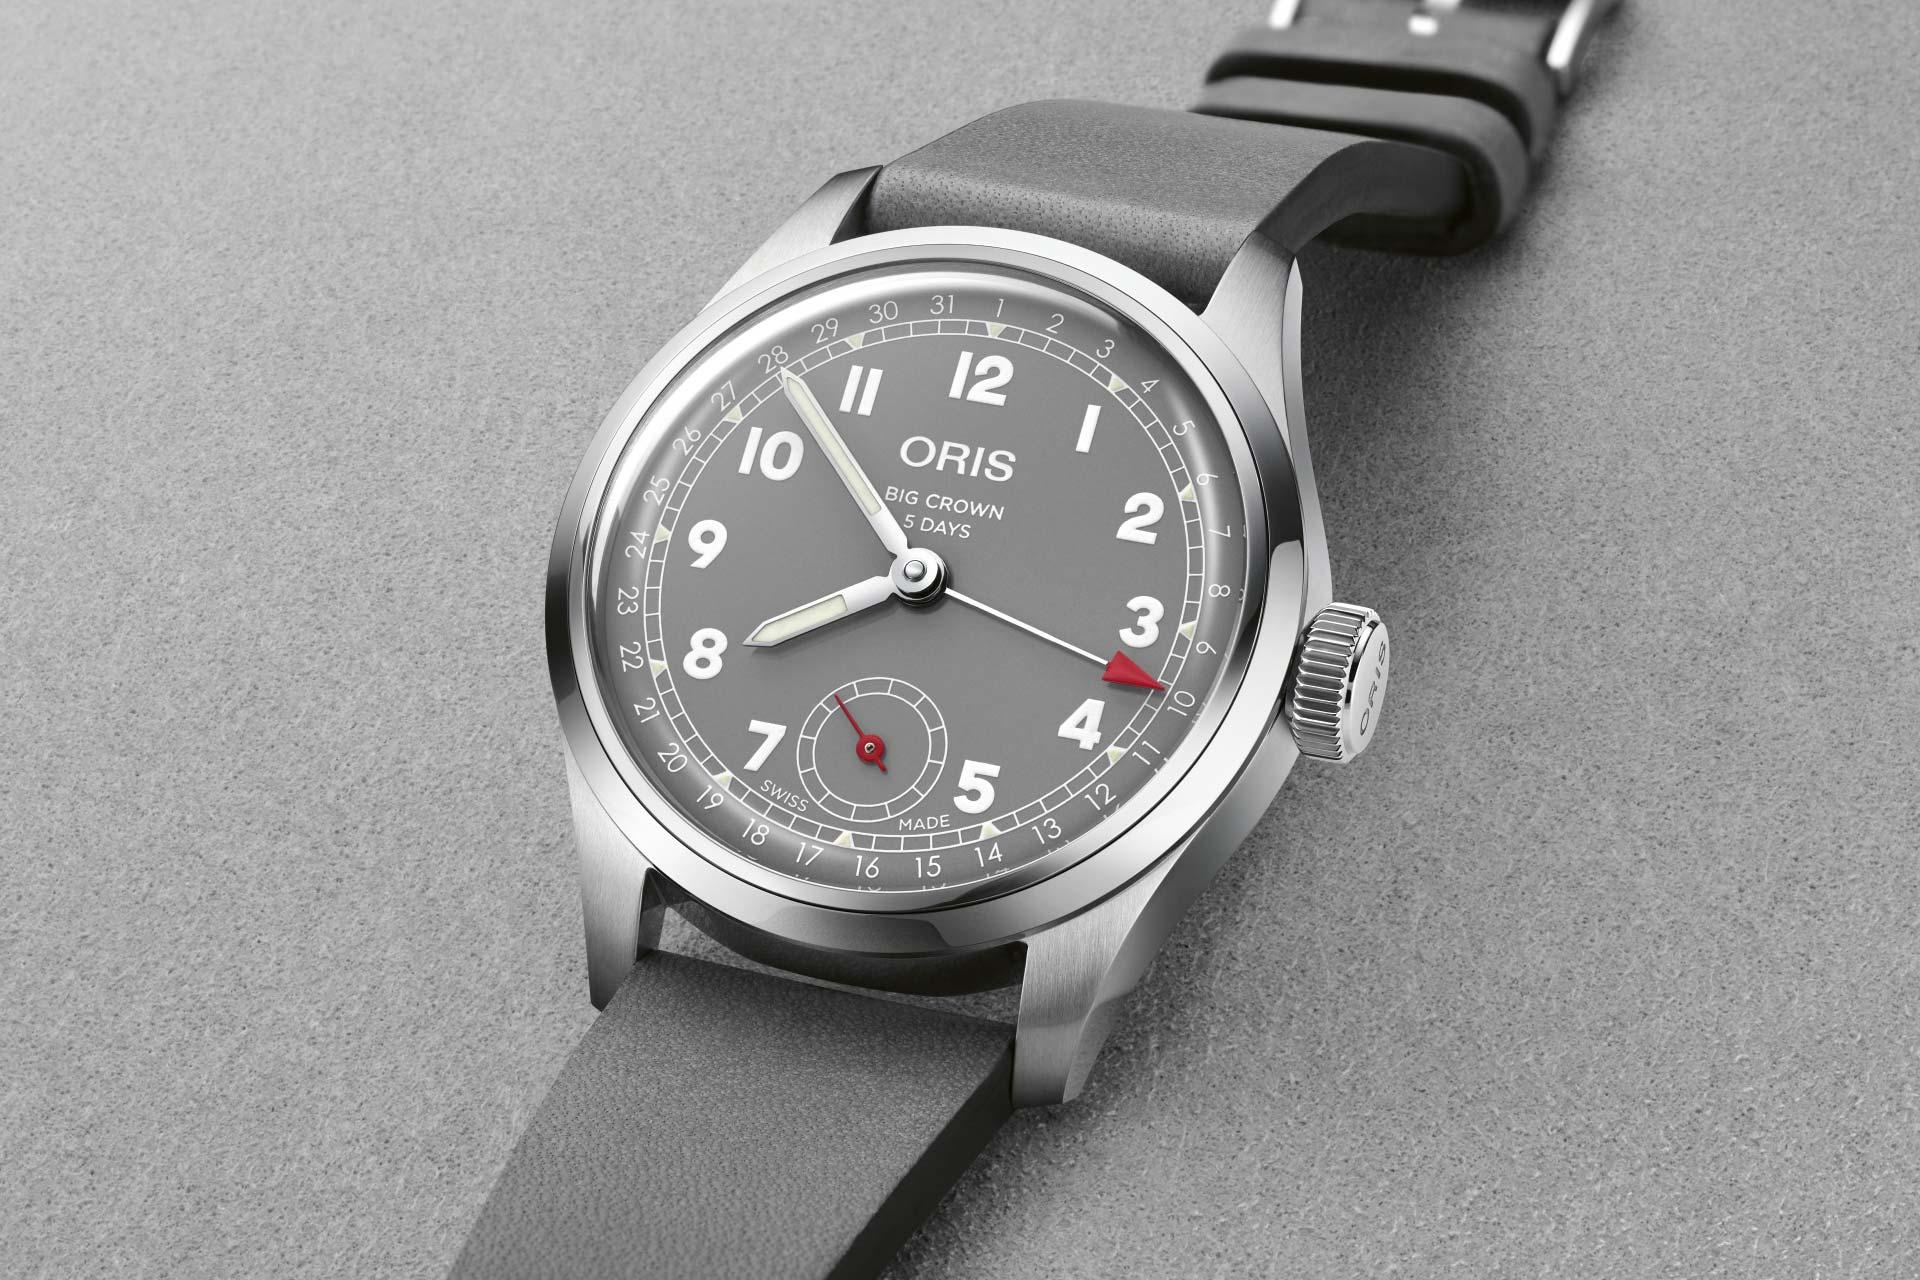 【2021線上錶展】慶祝117歲生日:Oris推出Hölstein 2021限量腕錶